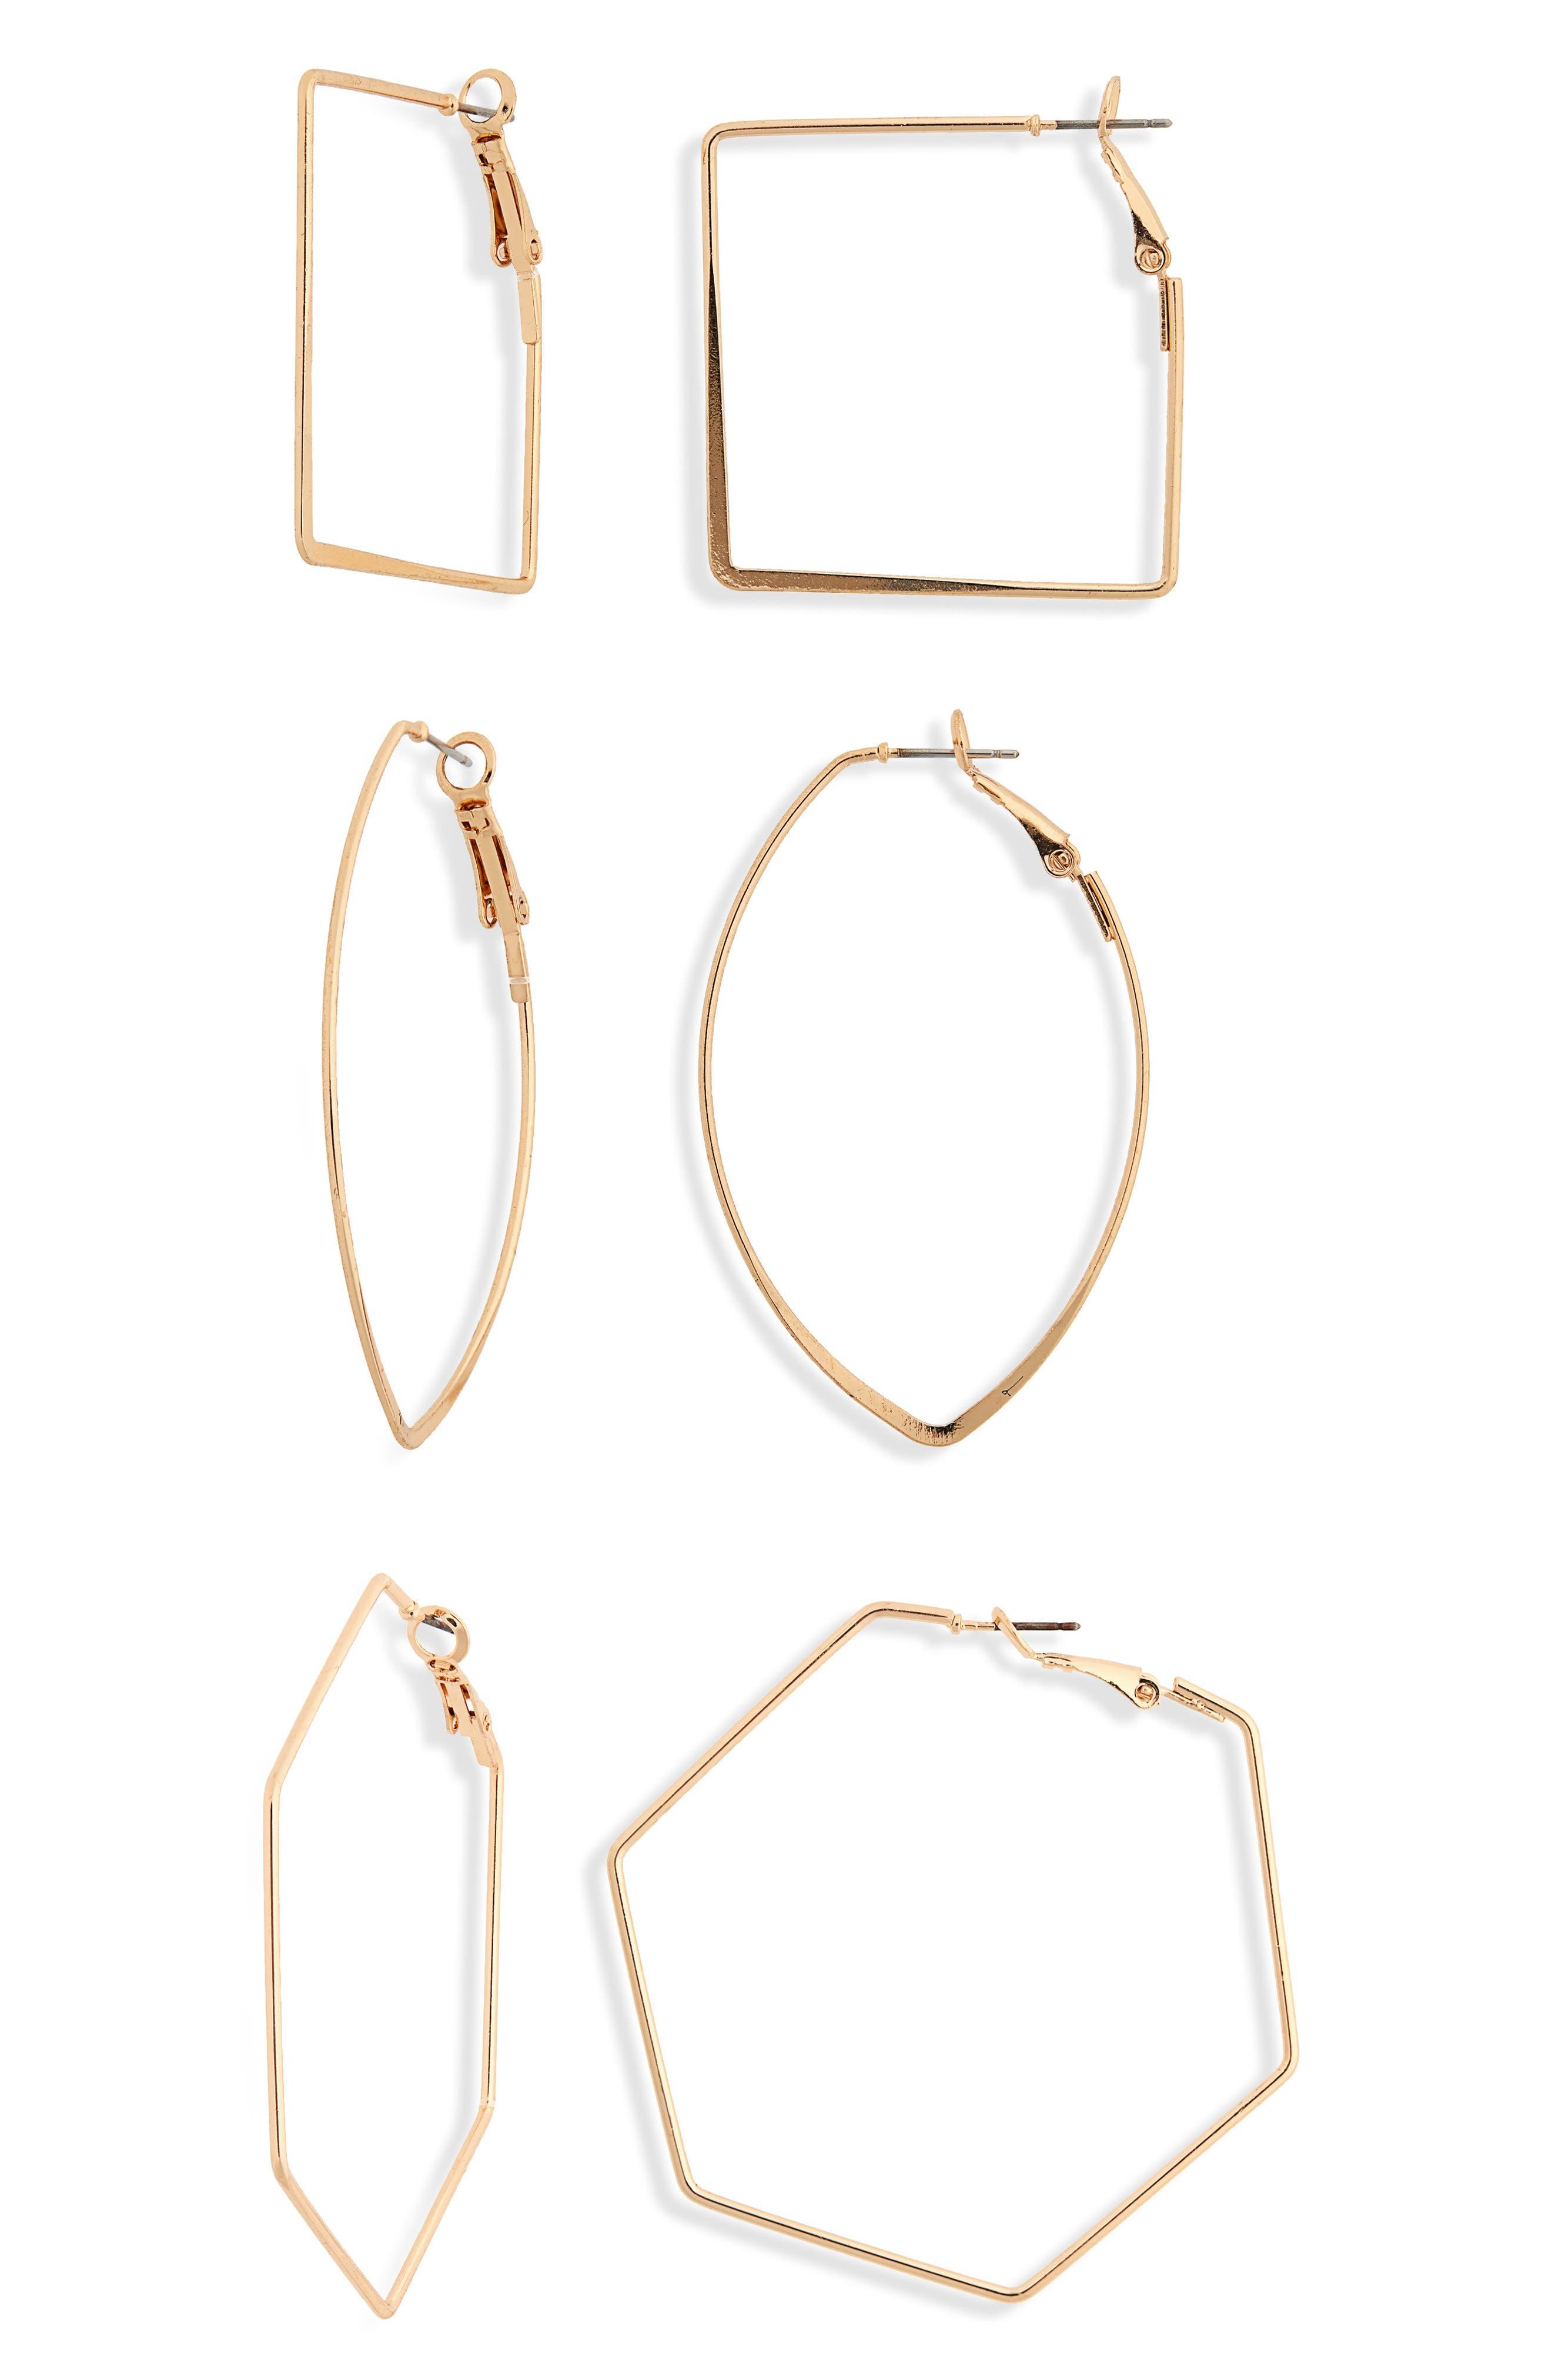 3-Pack Geo Hoop Earrings,                             Main thumbnail 1, color,                             710